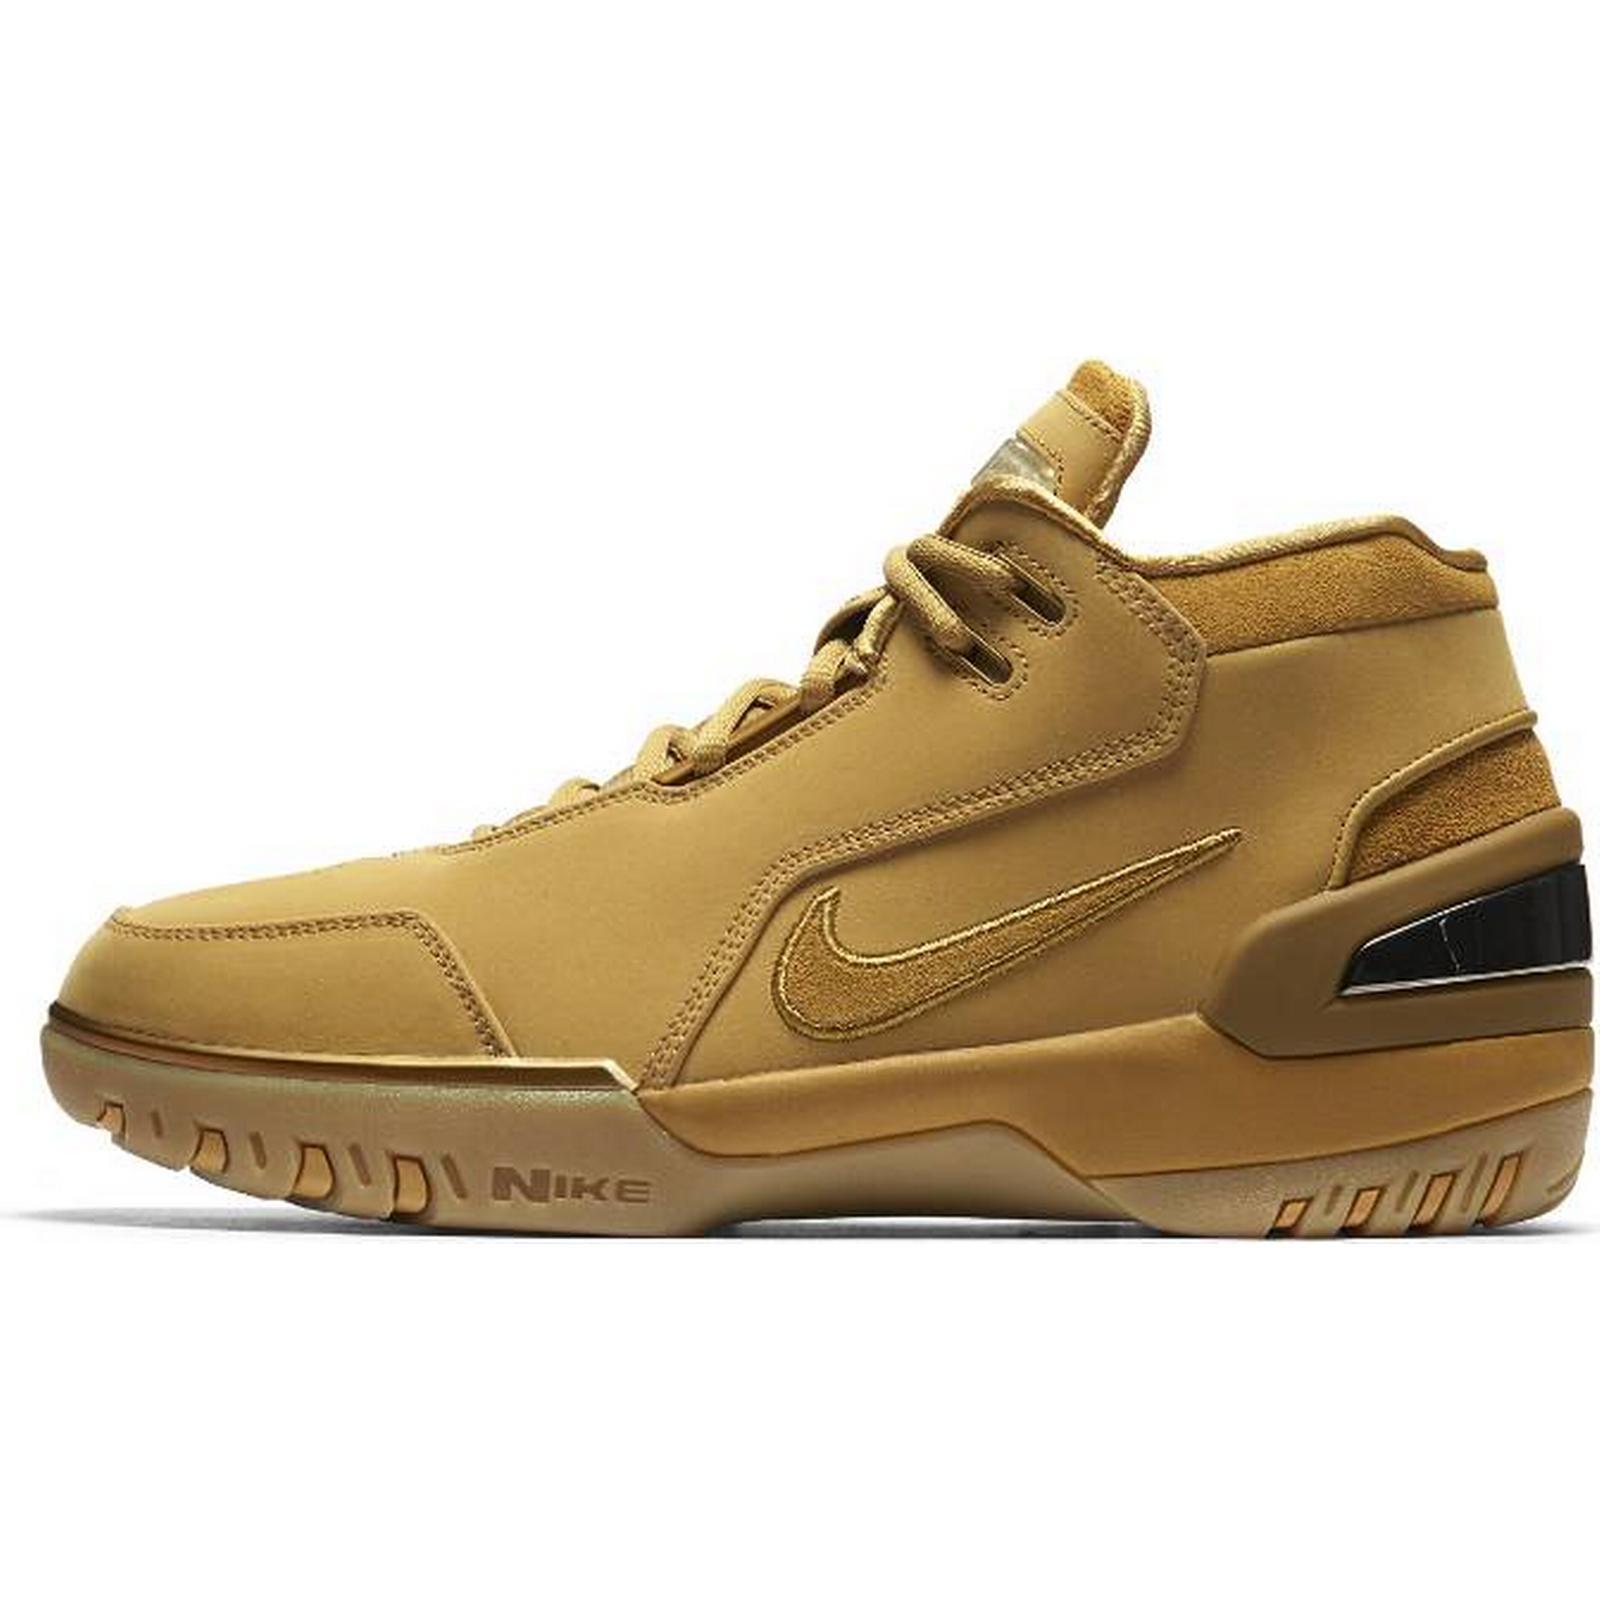 NIKE Zoom Buty Męskie Nike Air Zoom NIKE Generation QS ec5303